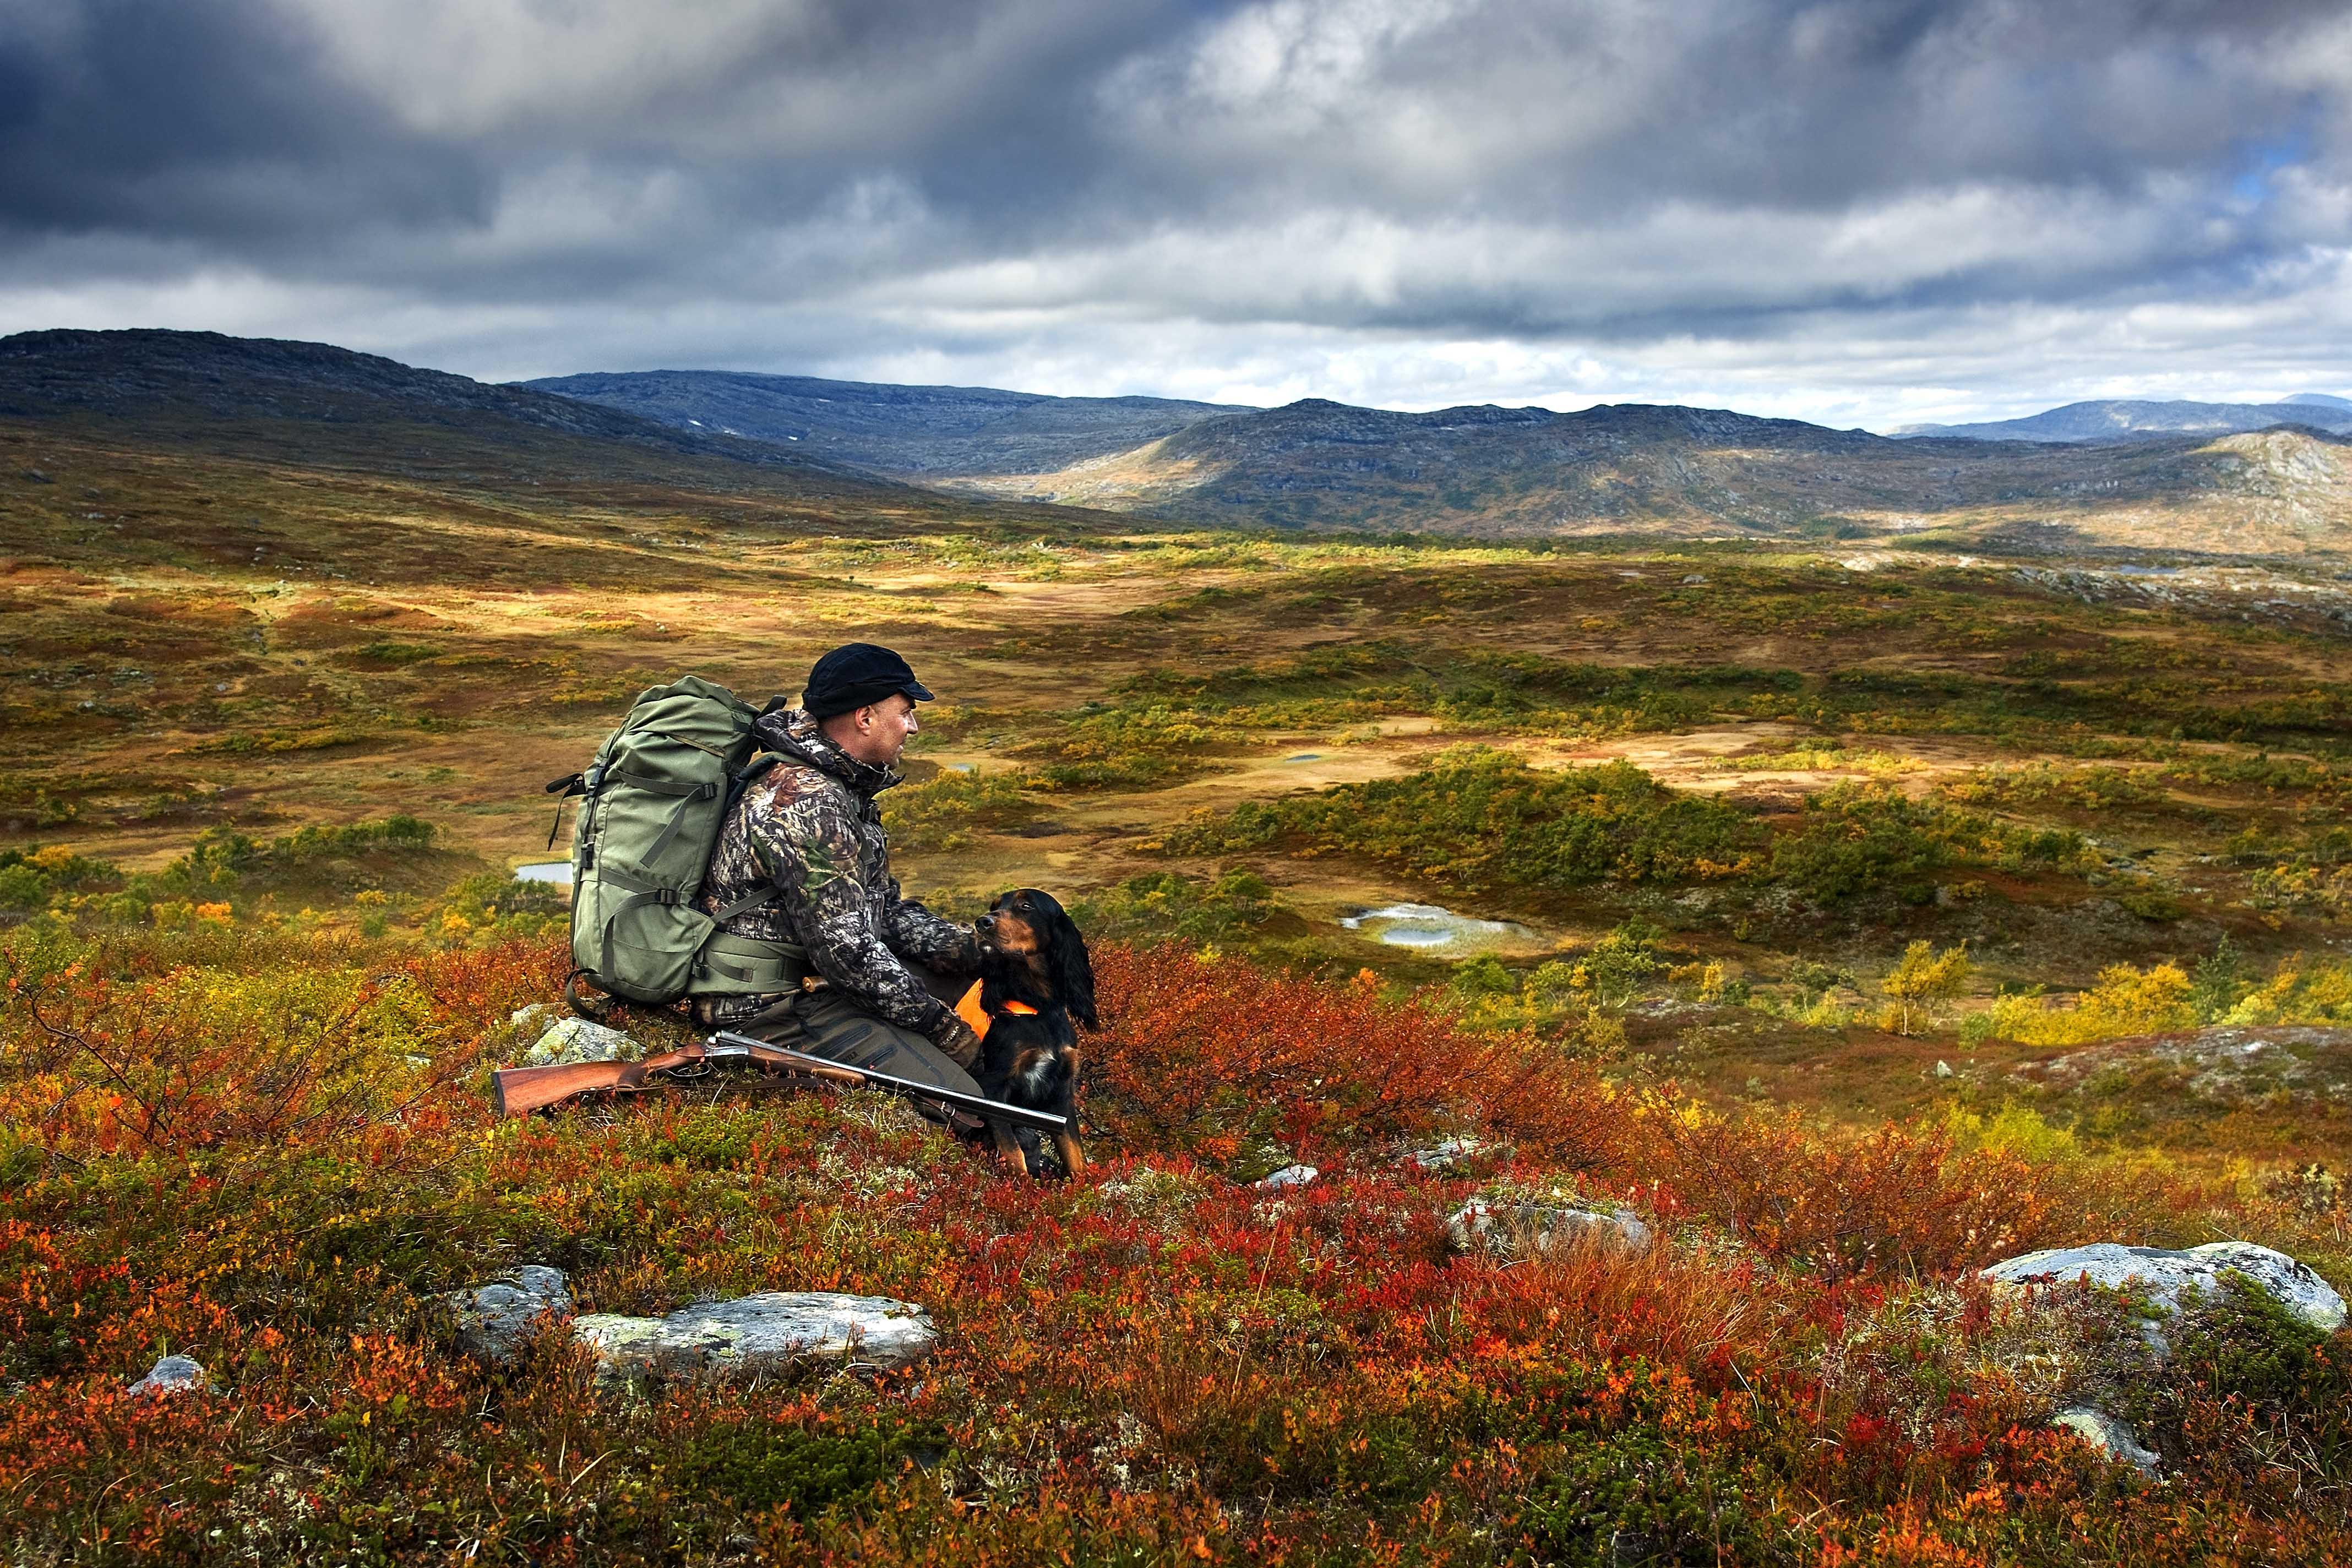 Høst i fjellet i Namdalen. Foto: Steinar Johansen/Besøkssenter nasjonalpark Lierne